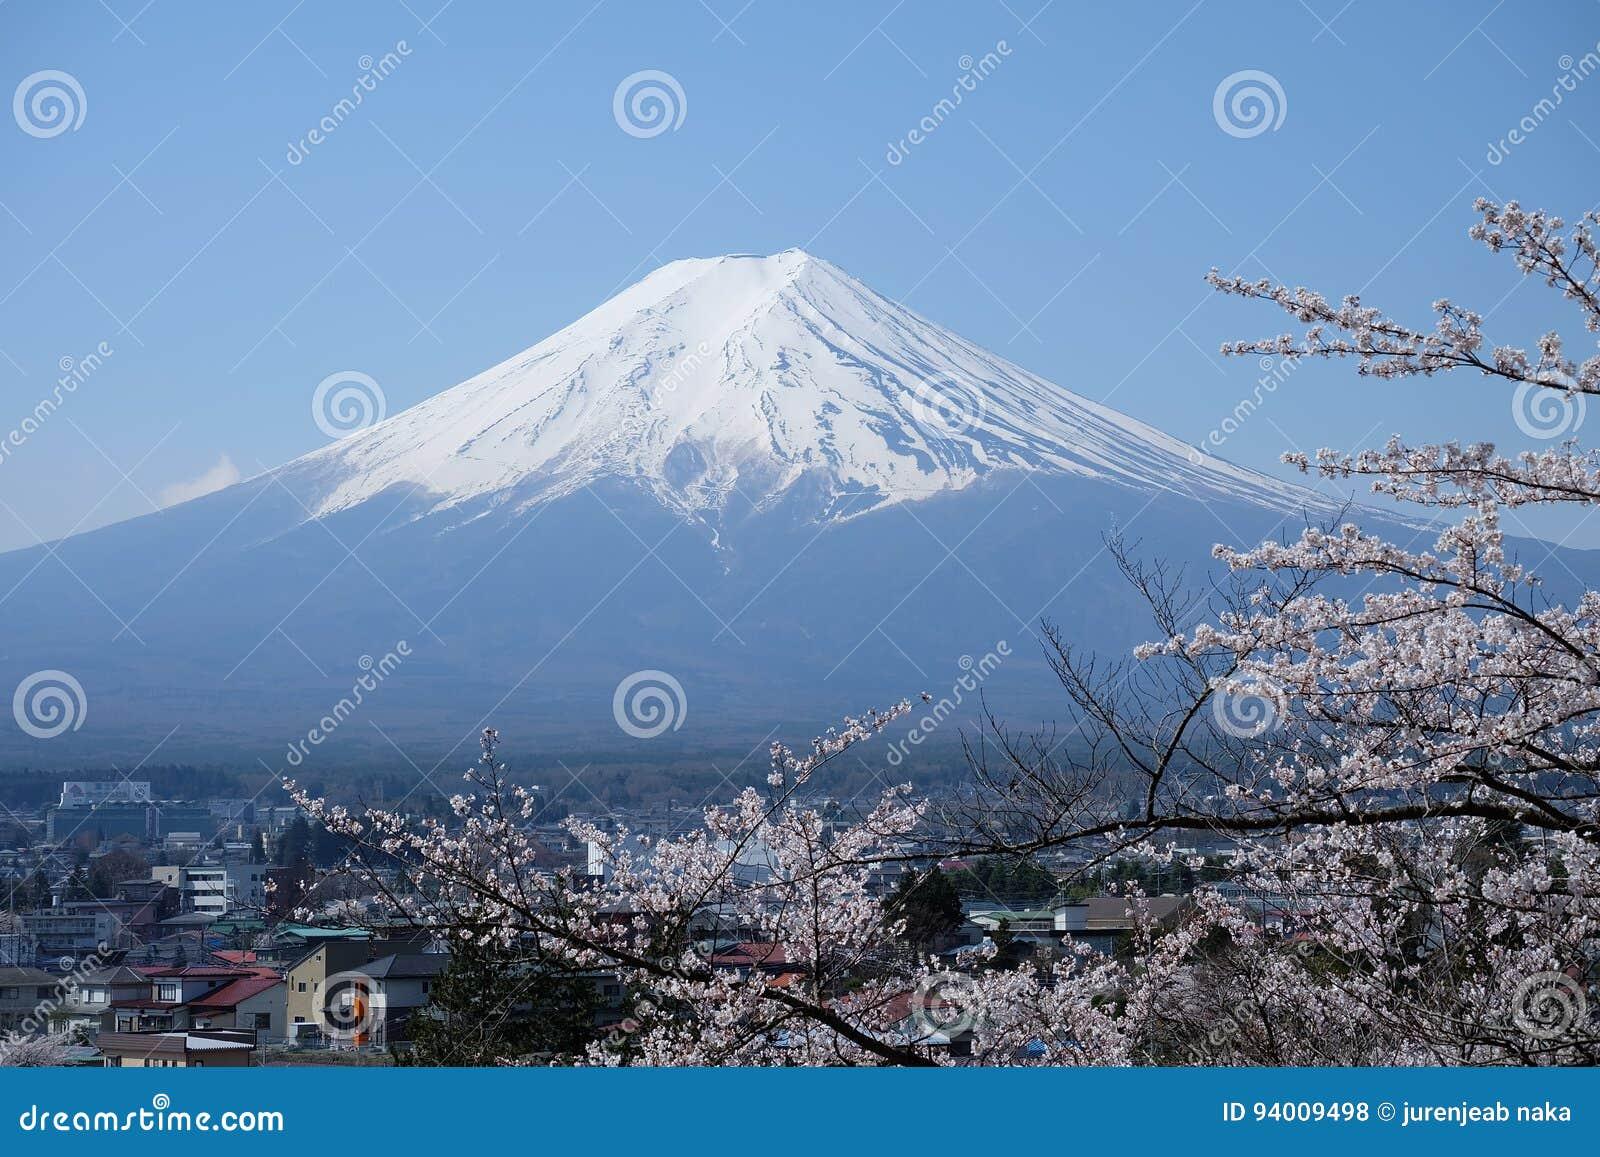 Montering Fuji Fuji san